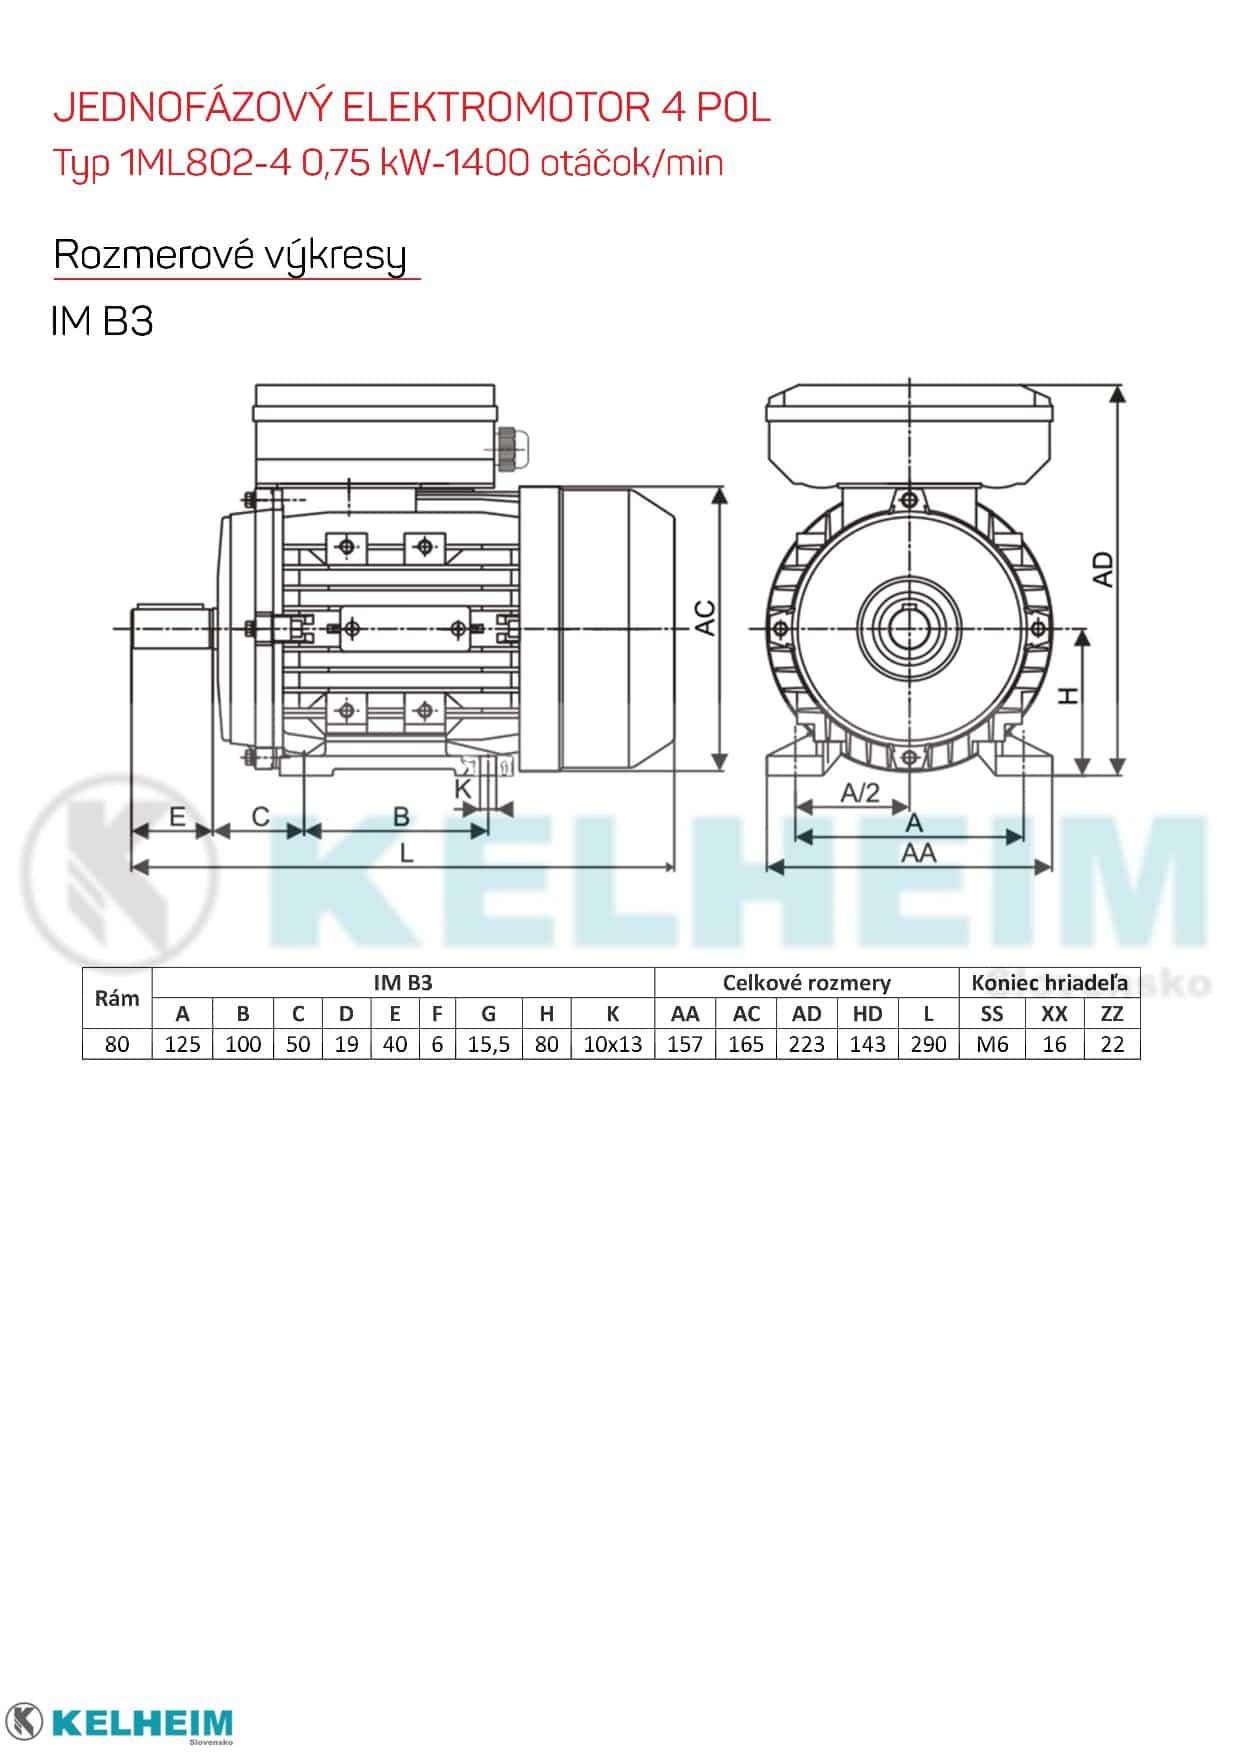 rozmerový výkres - jednofázový elektromotor 0,75kw ML802-4